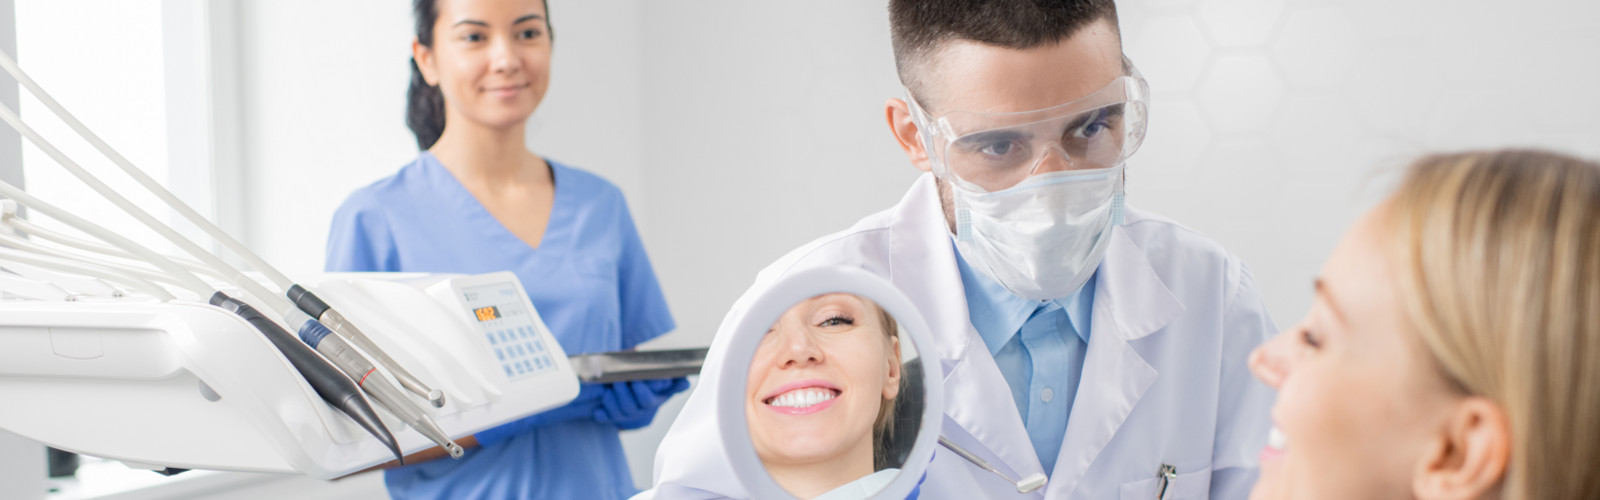 Glückliche Patienten bei einer Behandlung in der Zahnarztpraxis in Rangsdorf